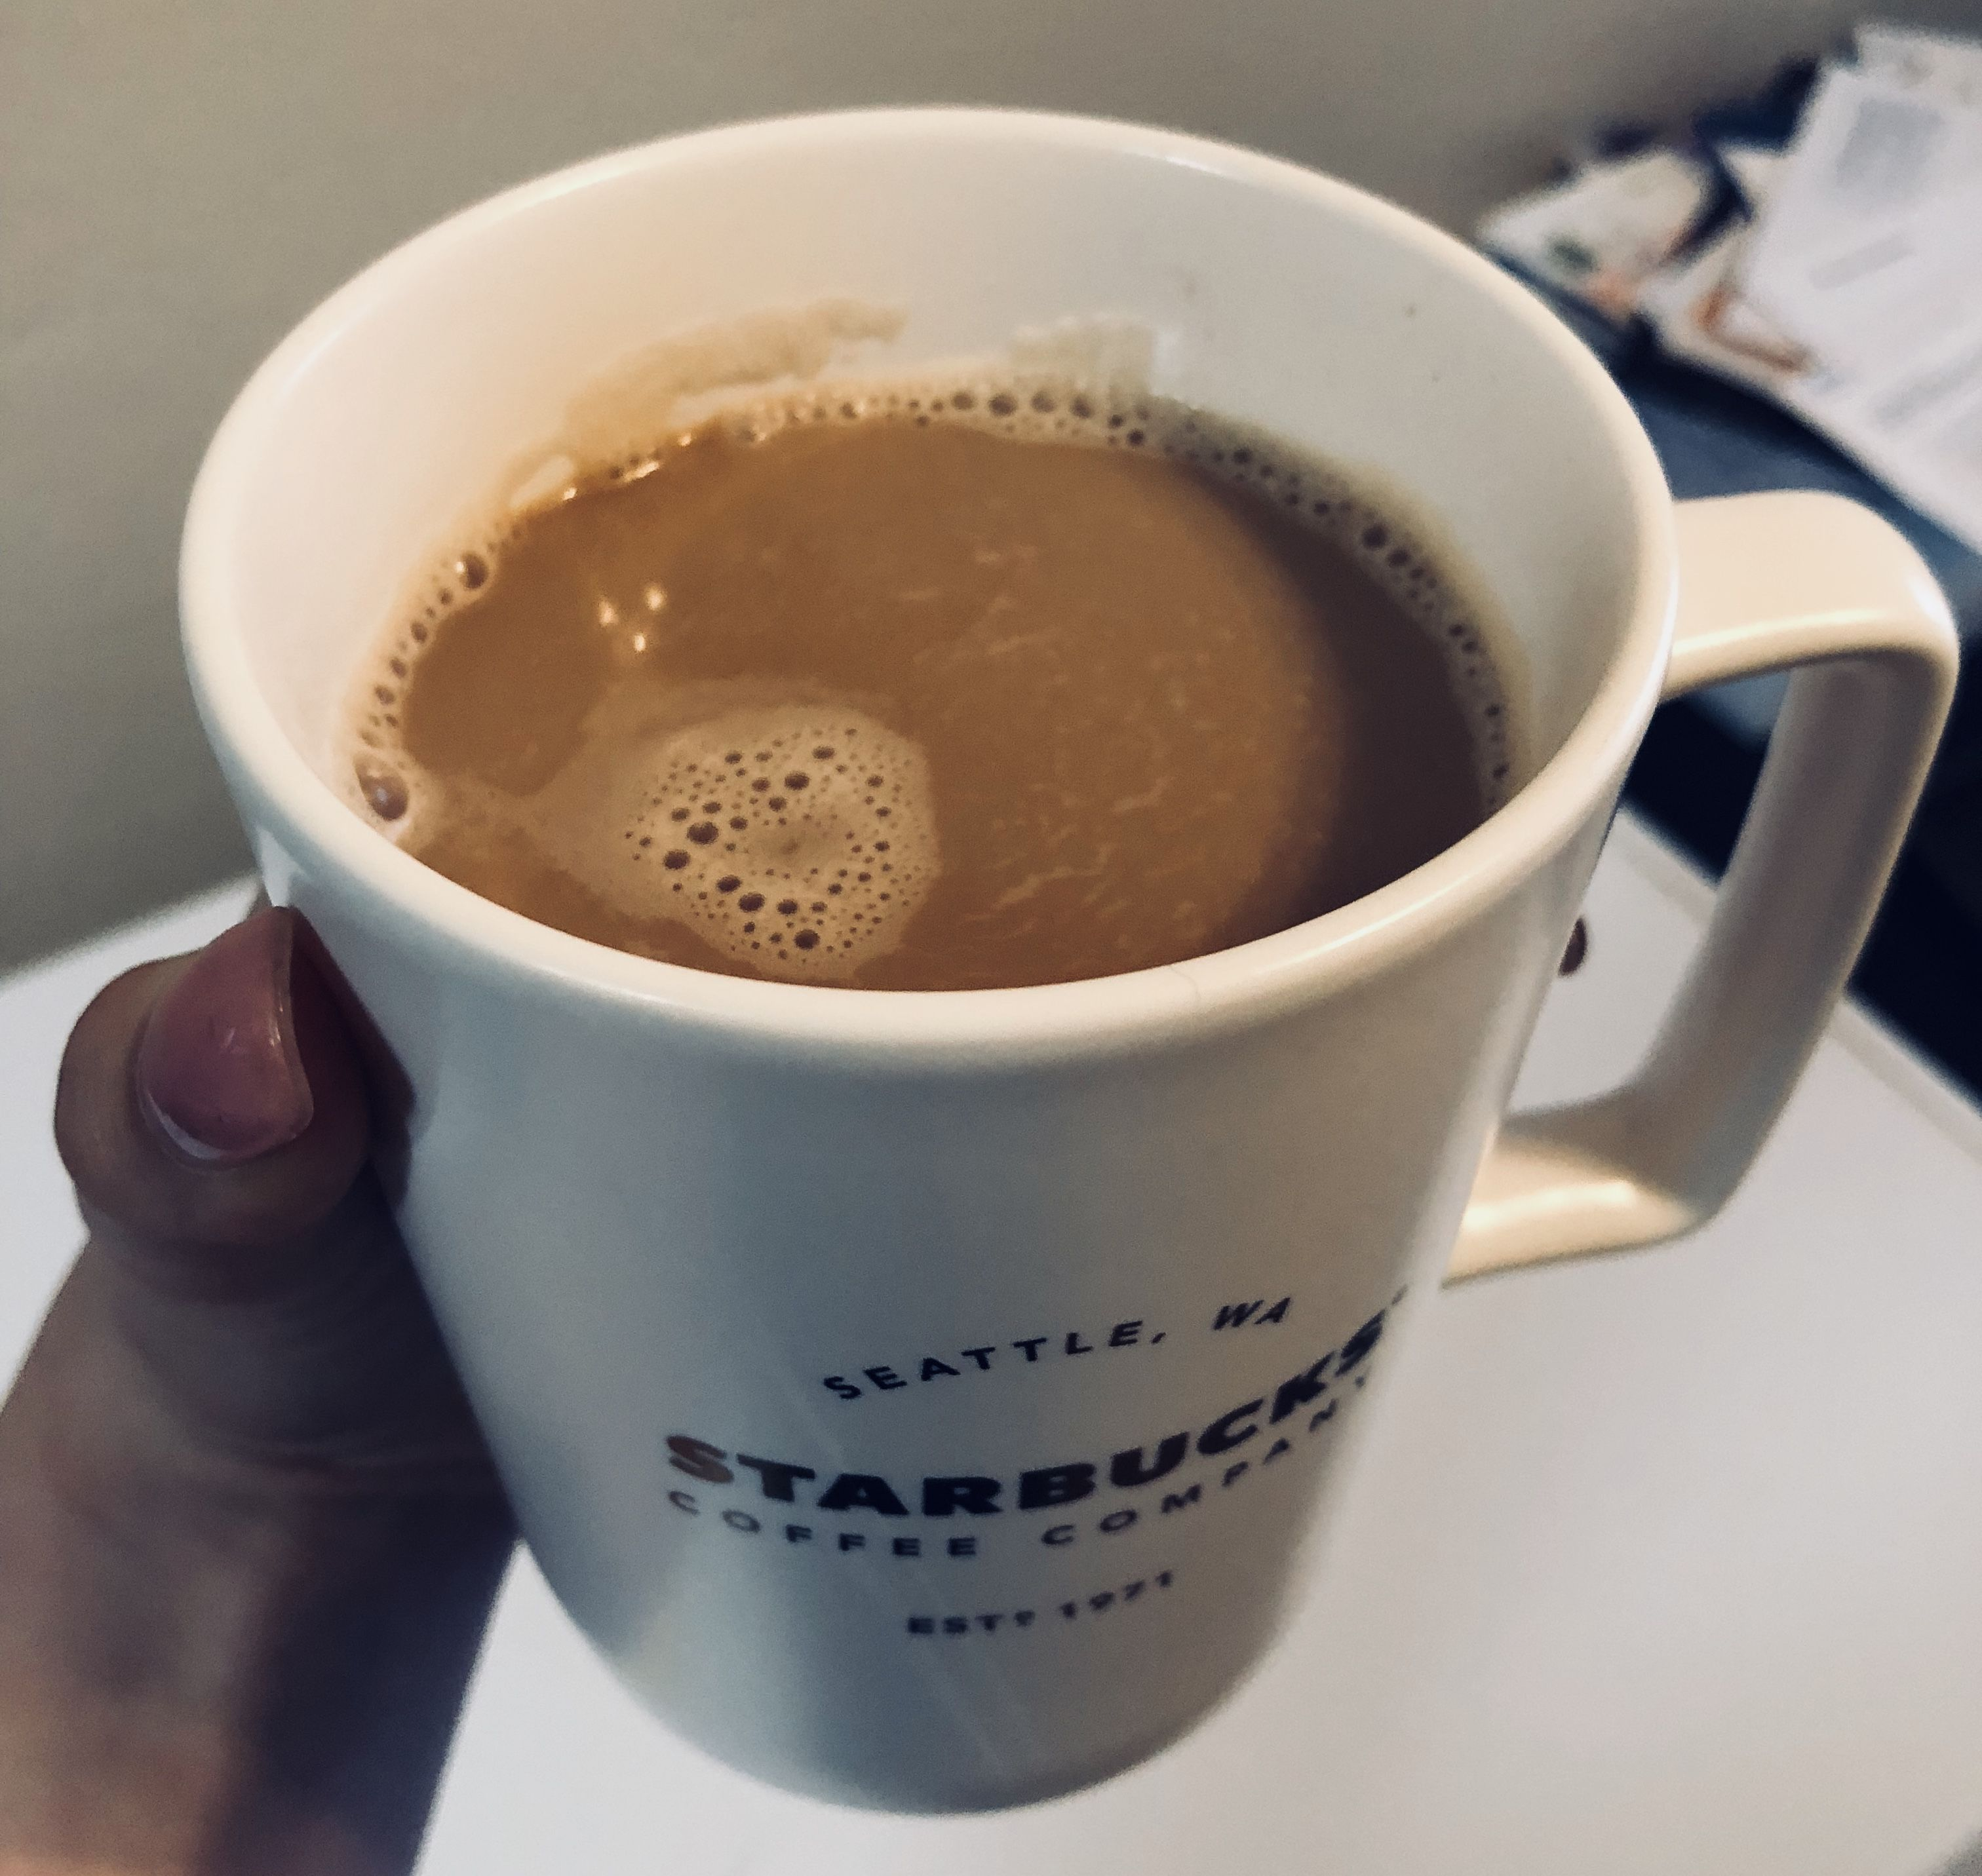 Pin by katie piercy on caffeine starbucks coffee coffee